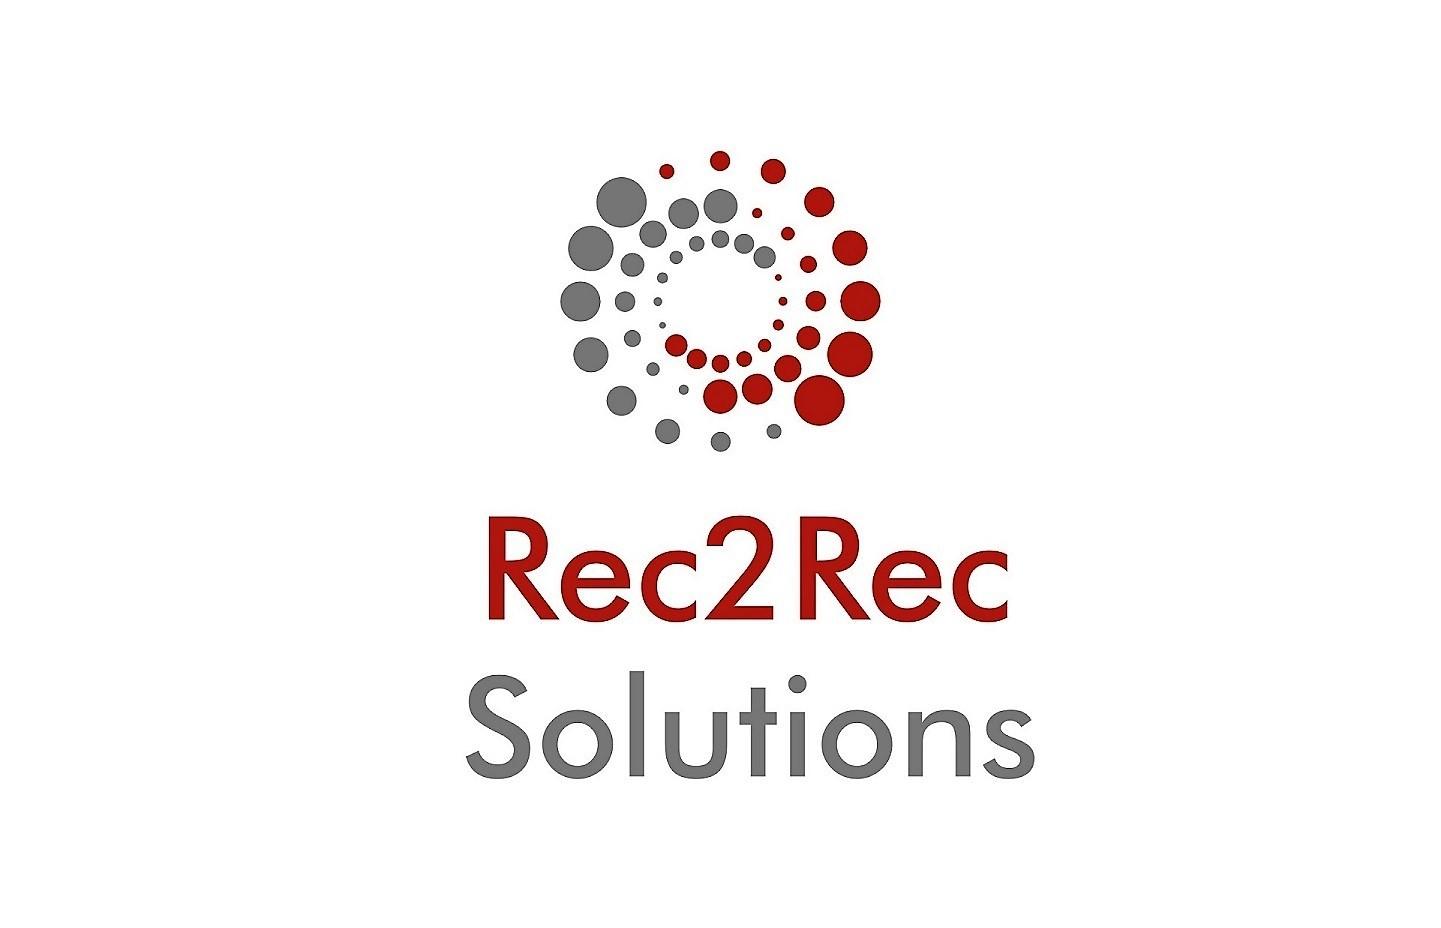 Rec2Rec Solutions